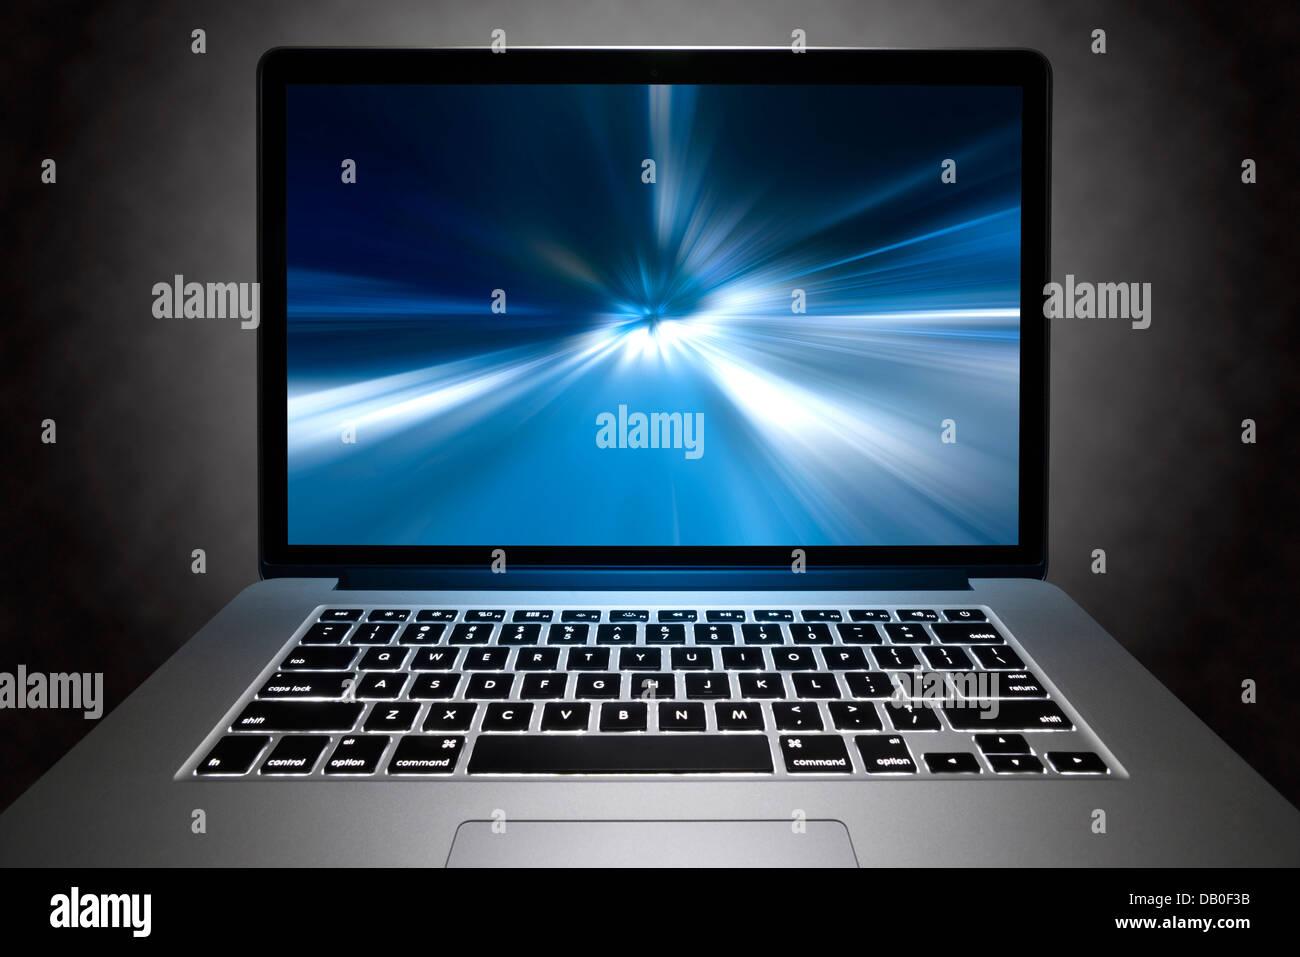 Vue frontale d'un Macbook Pro avec écran Retina avec effet visuel à grande vitesse sur son écran. Photo Stock